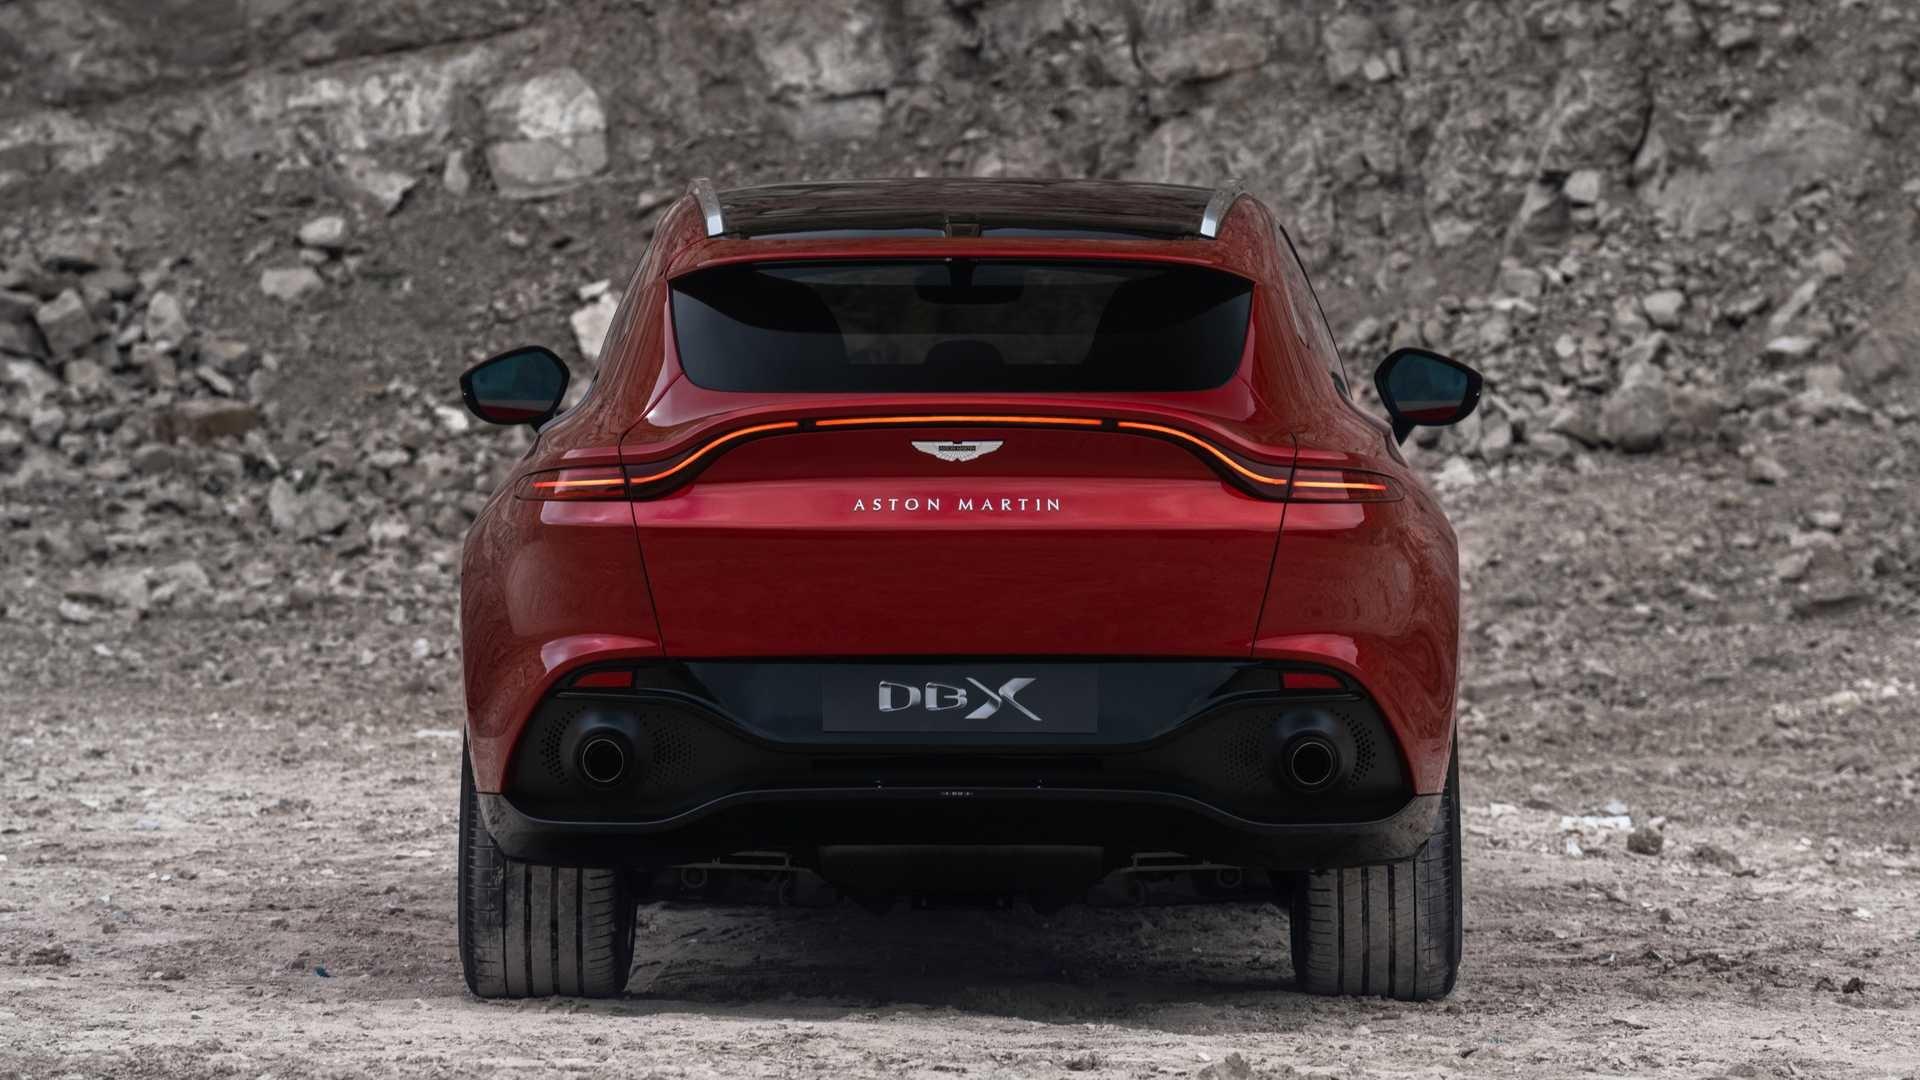 Chi tiet chiec SUV dau tien trong lich su 106 nam cua Aston Martin hinh anh 4